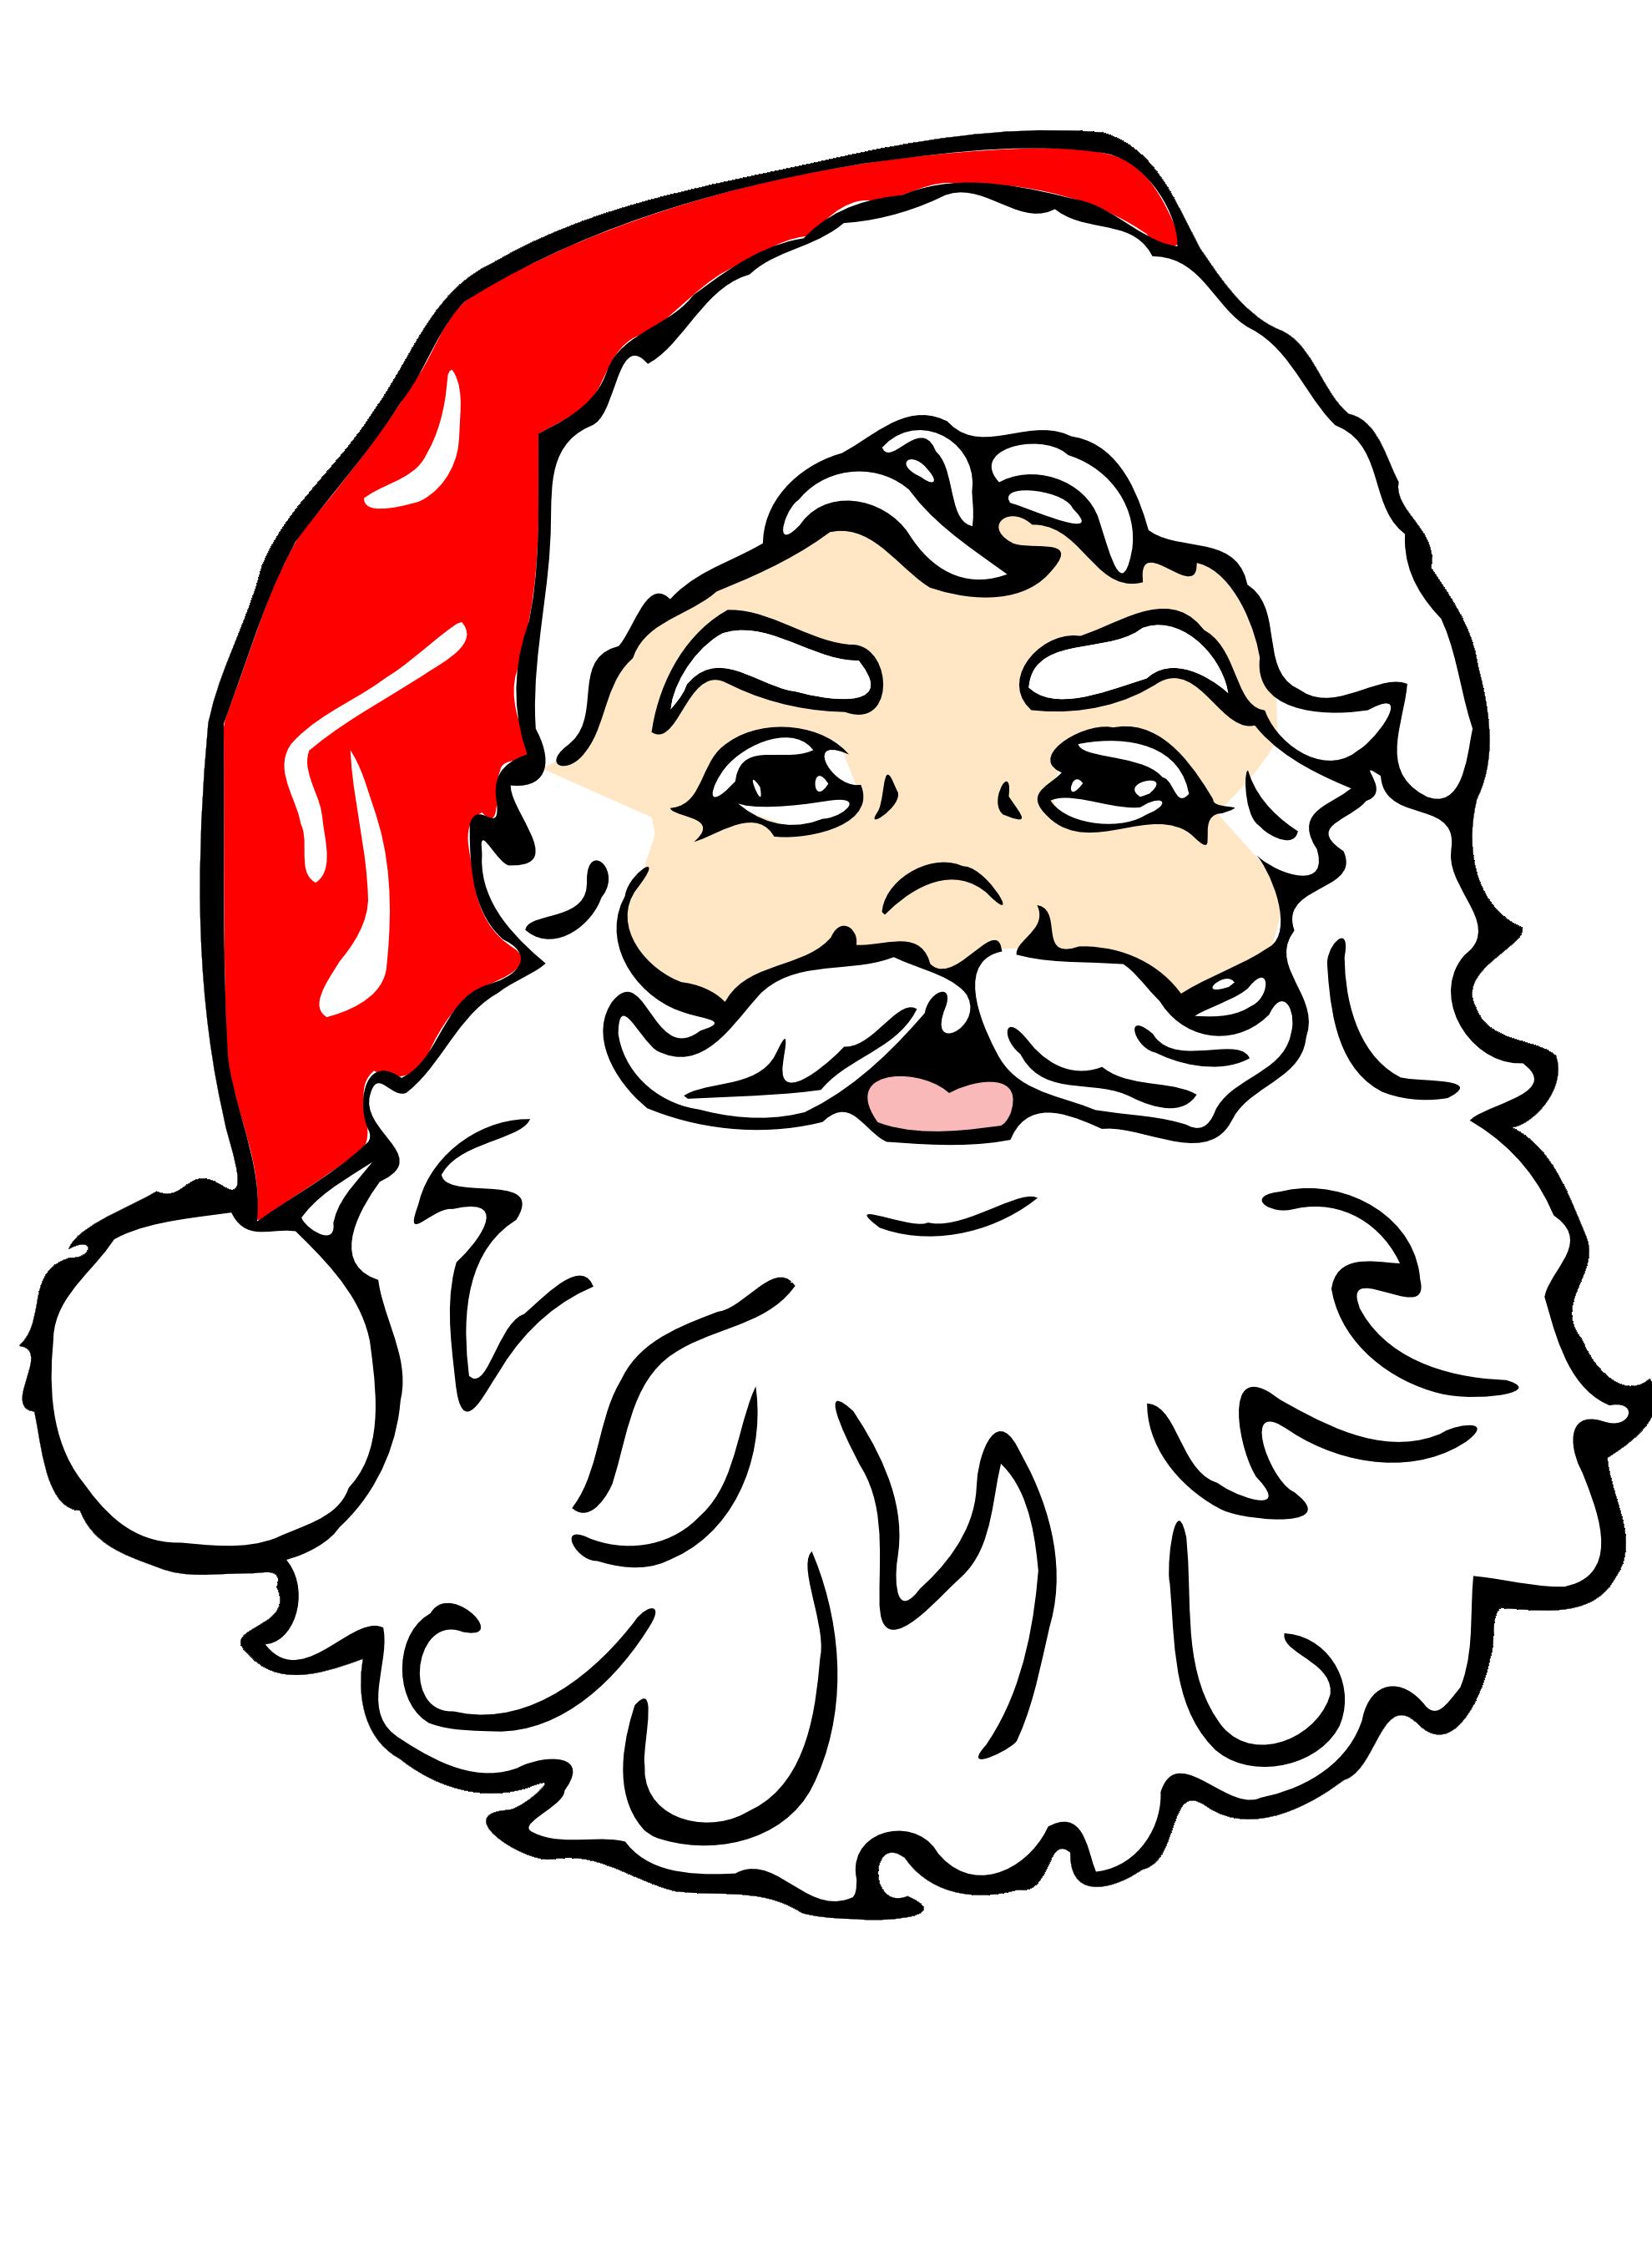 Santa clipart #17, Download drawings